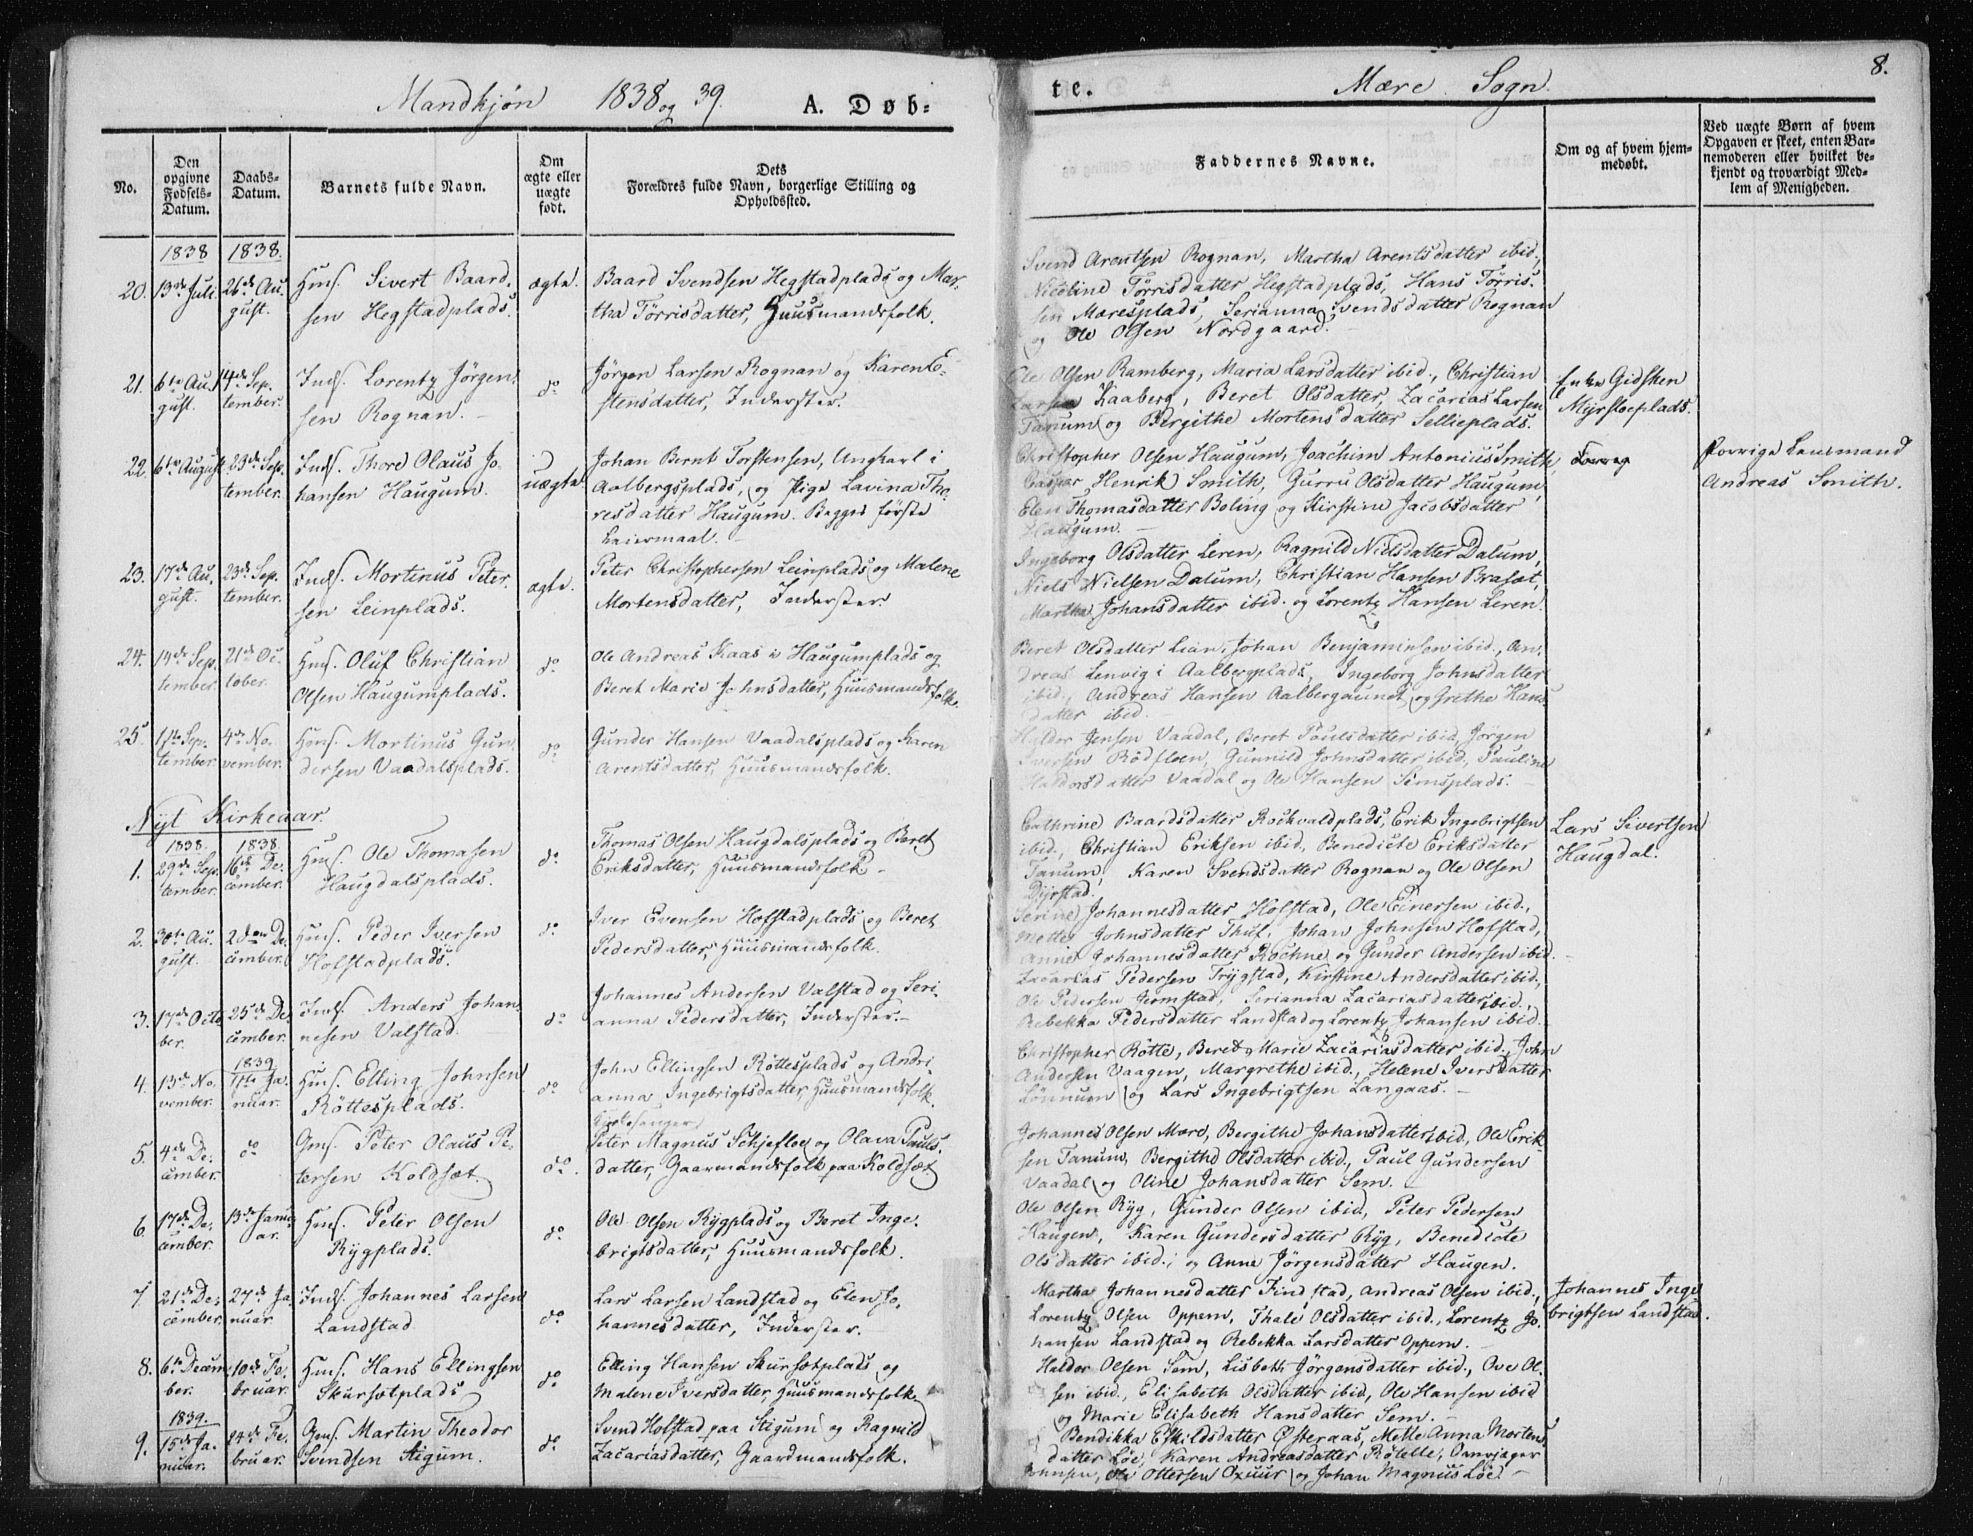 SAT, Ministerialprotokoller, klokkerbøker og fødselsregistre - Nord-Trøndelag, 735/L0339: Ministerialbok nr. 735A06 /1, 1836-1848, s. 8